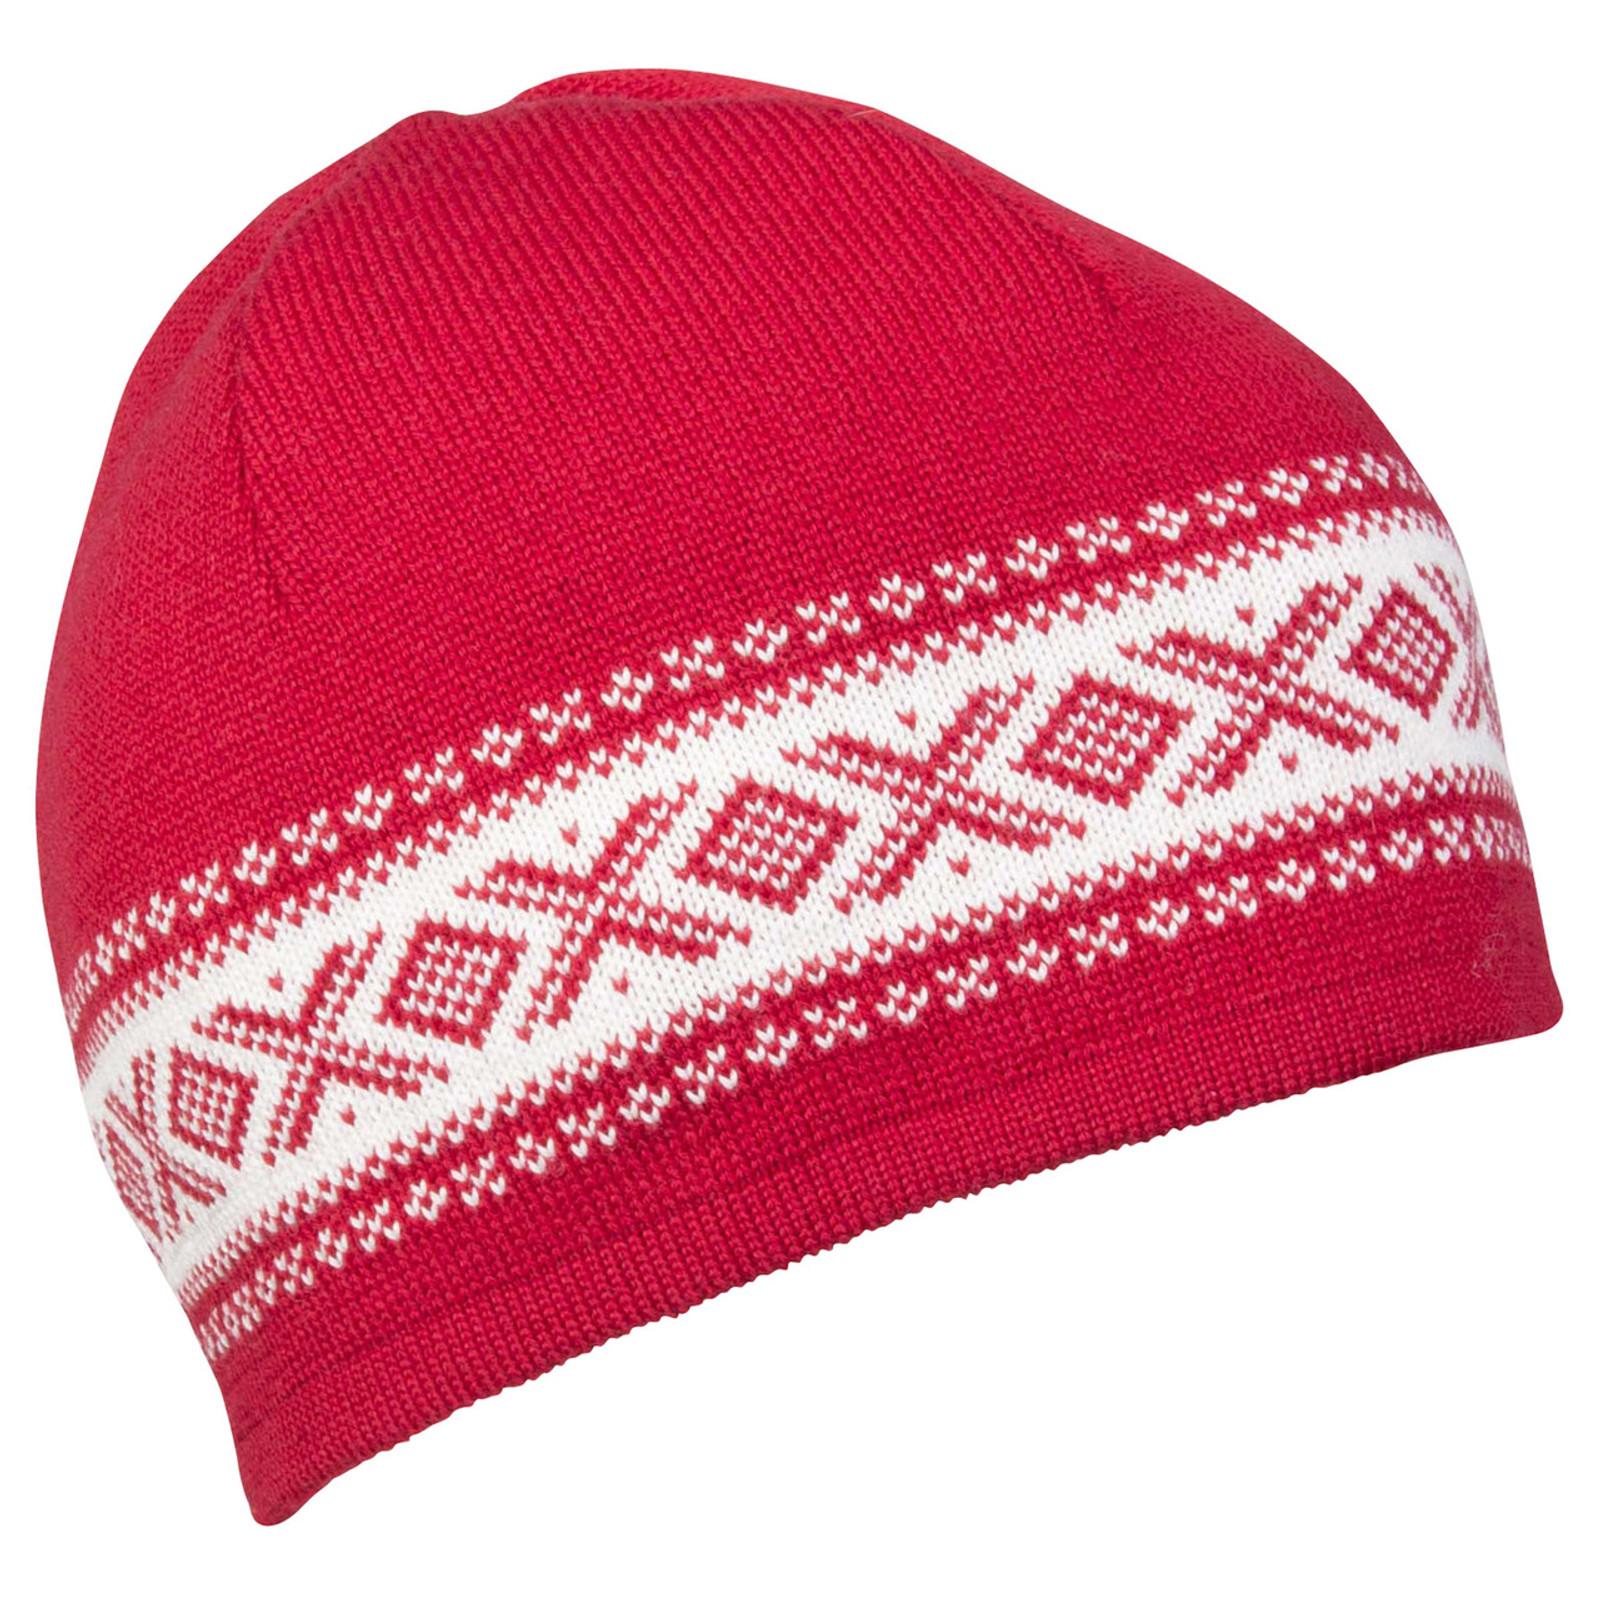 Dale of Norway, Cortina Merino Hat in Raspberry/Off White, 48211-B